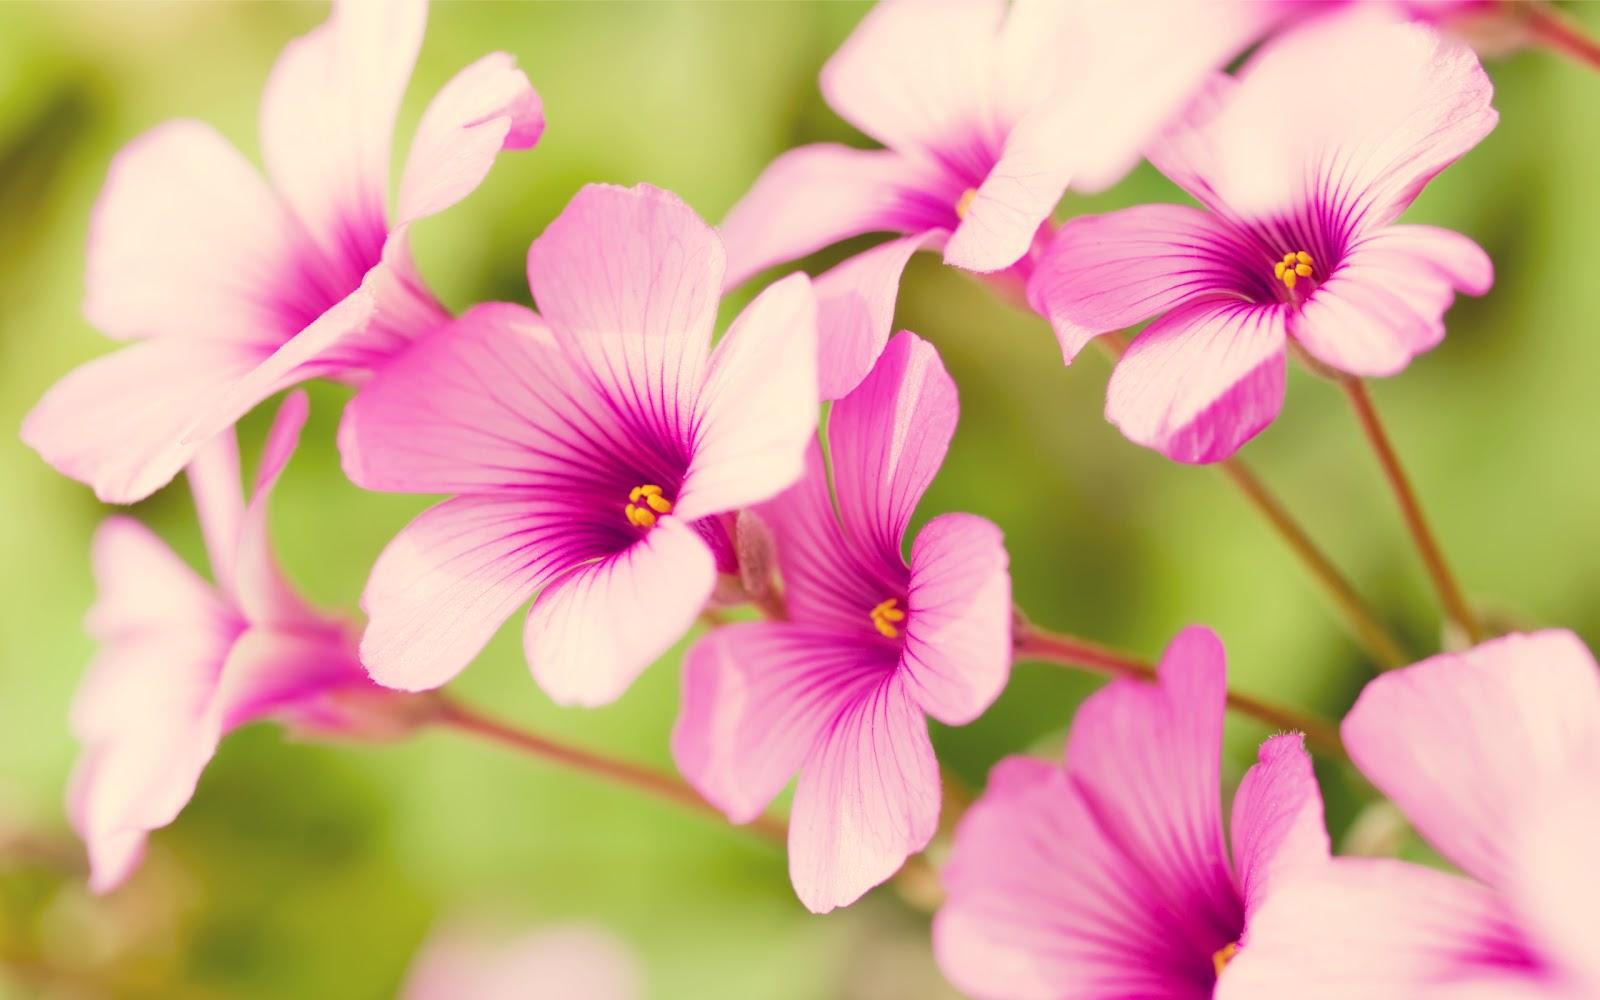 Gülü dünyanın en güzel çiçek resimleri resim galerisi